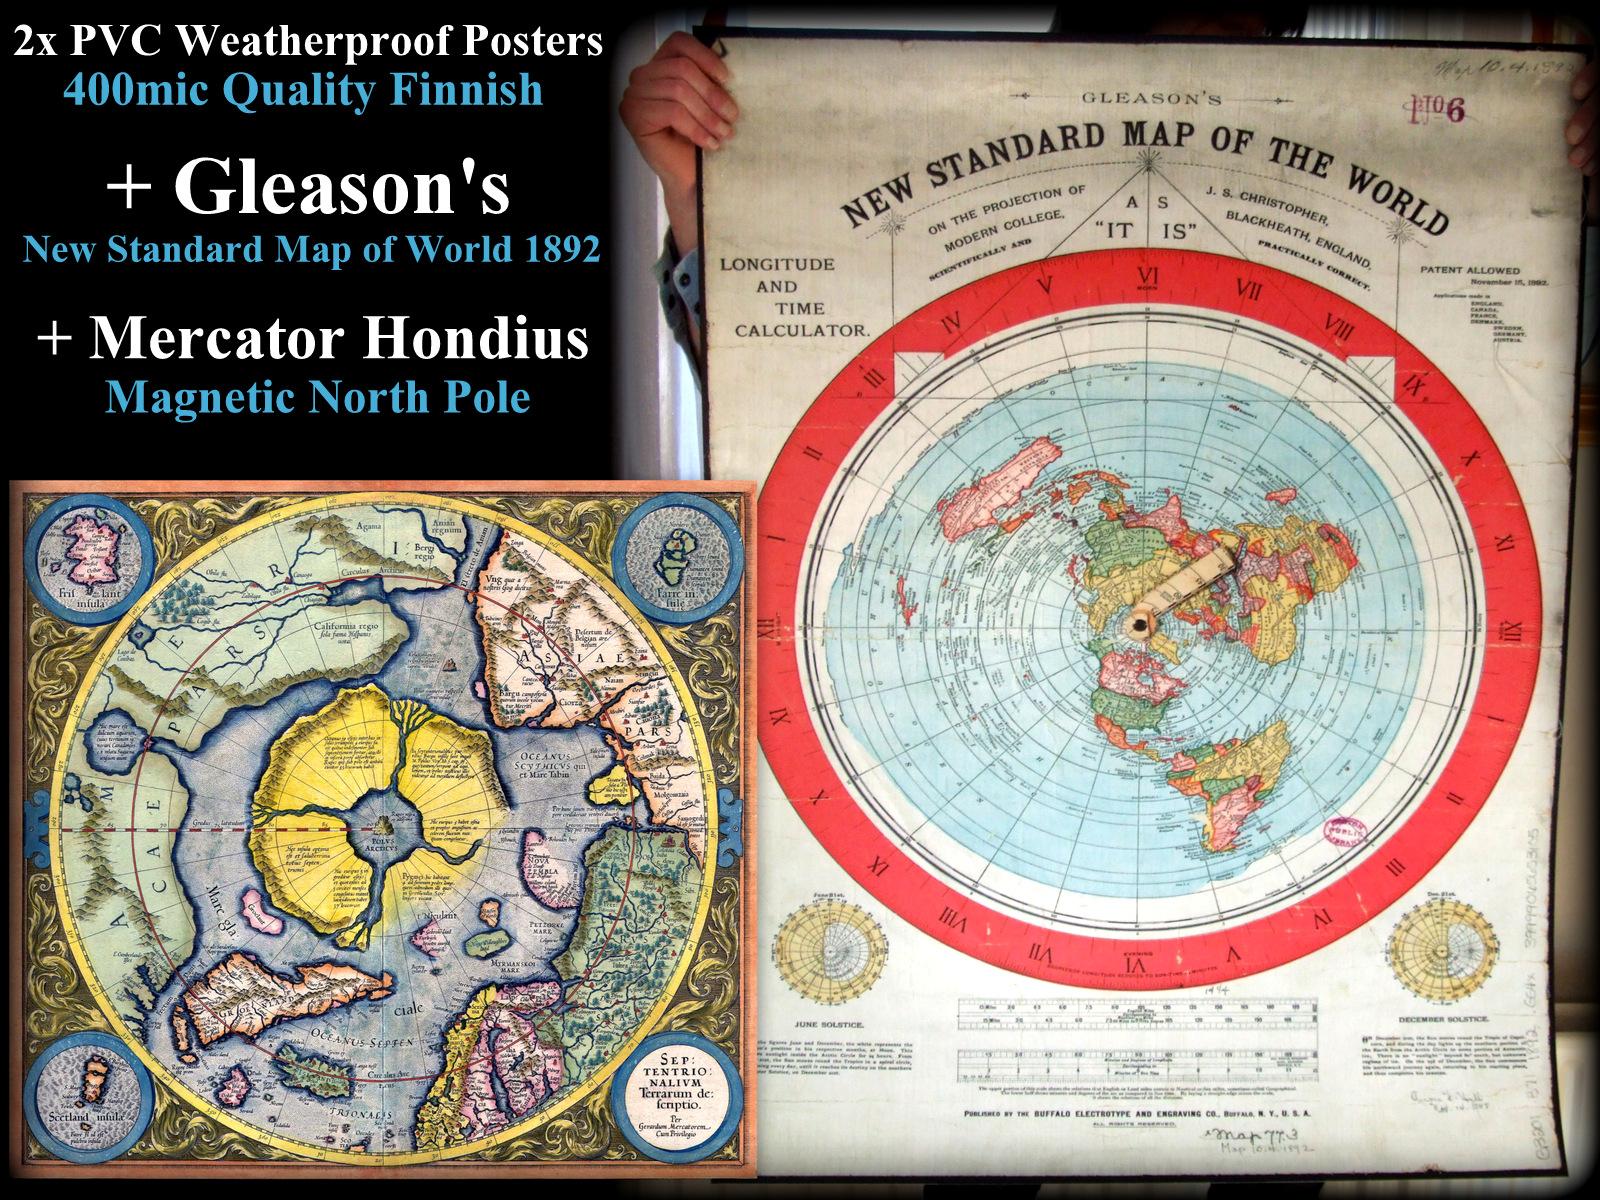 Mercator/Hondius 1621 + Gleason 1892